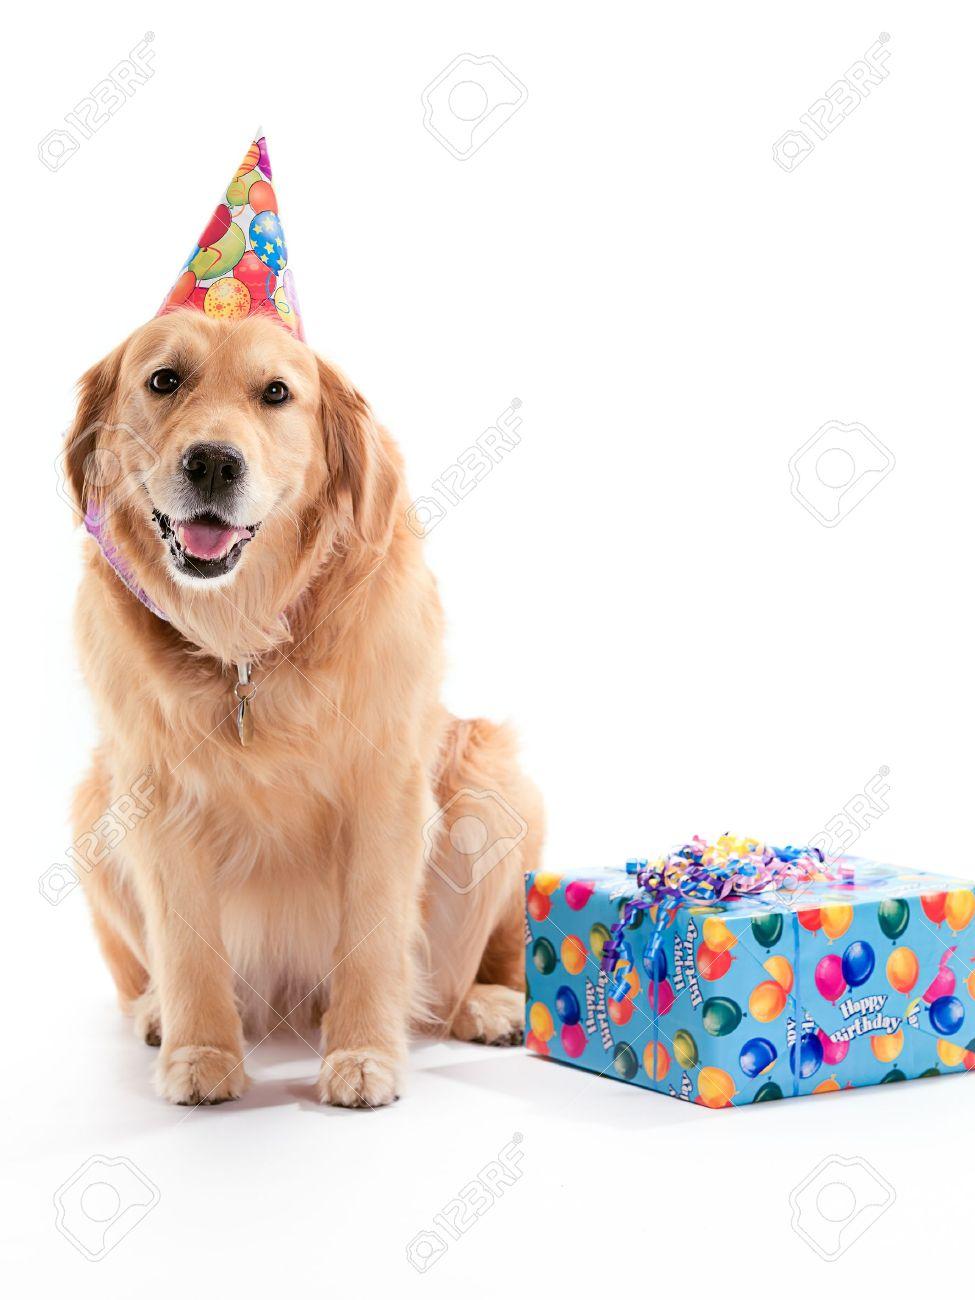 Поздравление от собачки своей хозяйке